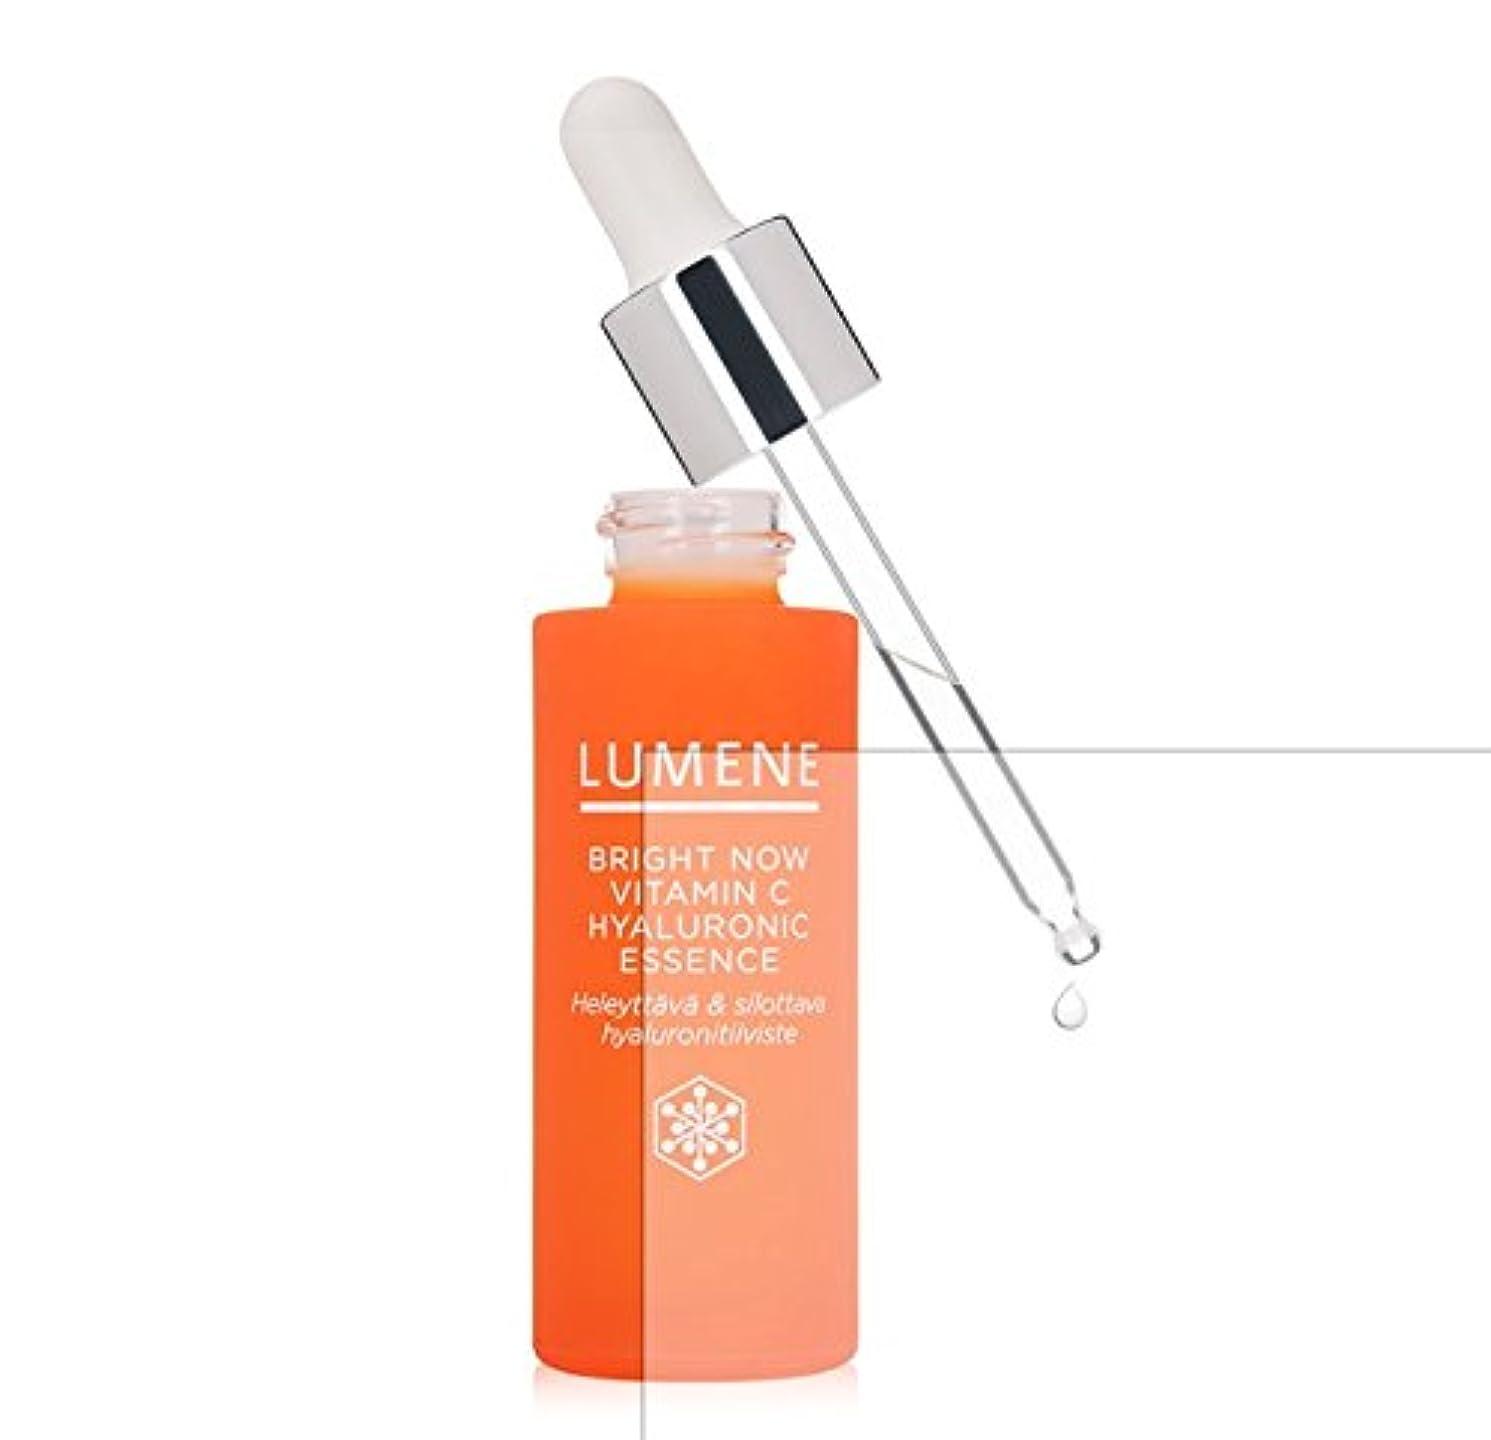 適応的反発するシェトランド諸島Lumene Bright Now Vitamin C Hyaluronic Essence (1 fl oz.) 美容液 [並行輸入品]